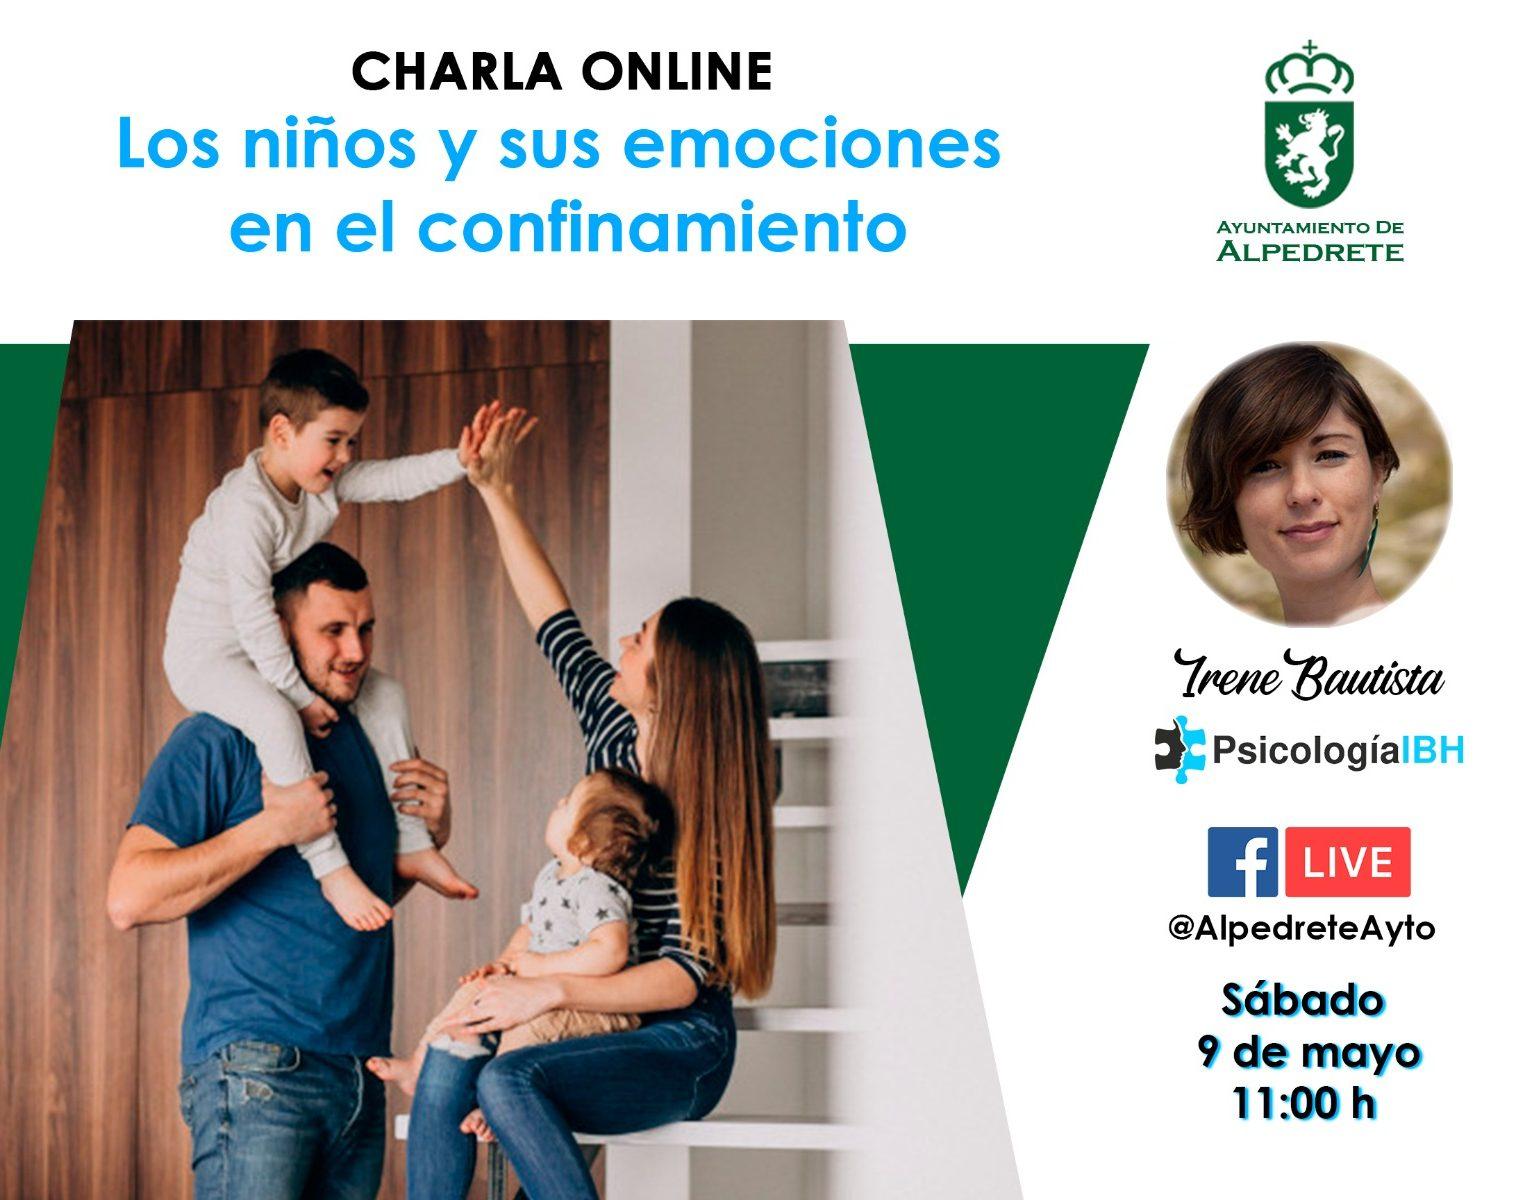 Imagen de la noticia Charla online: Los niños y sus emociones en el confinamiento